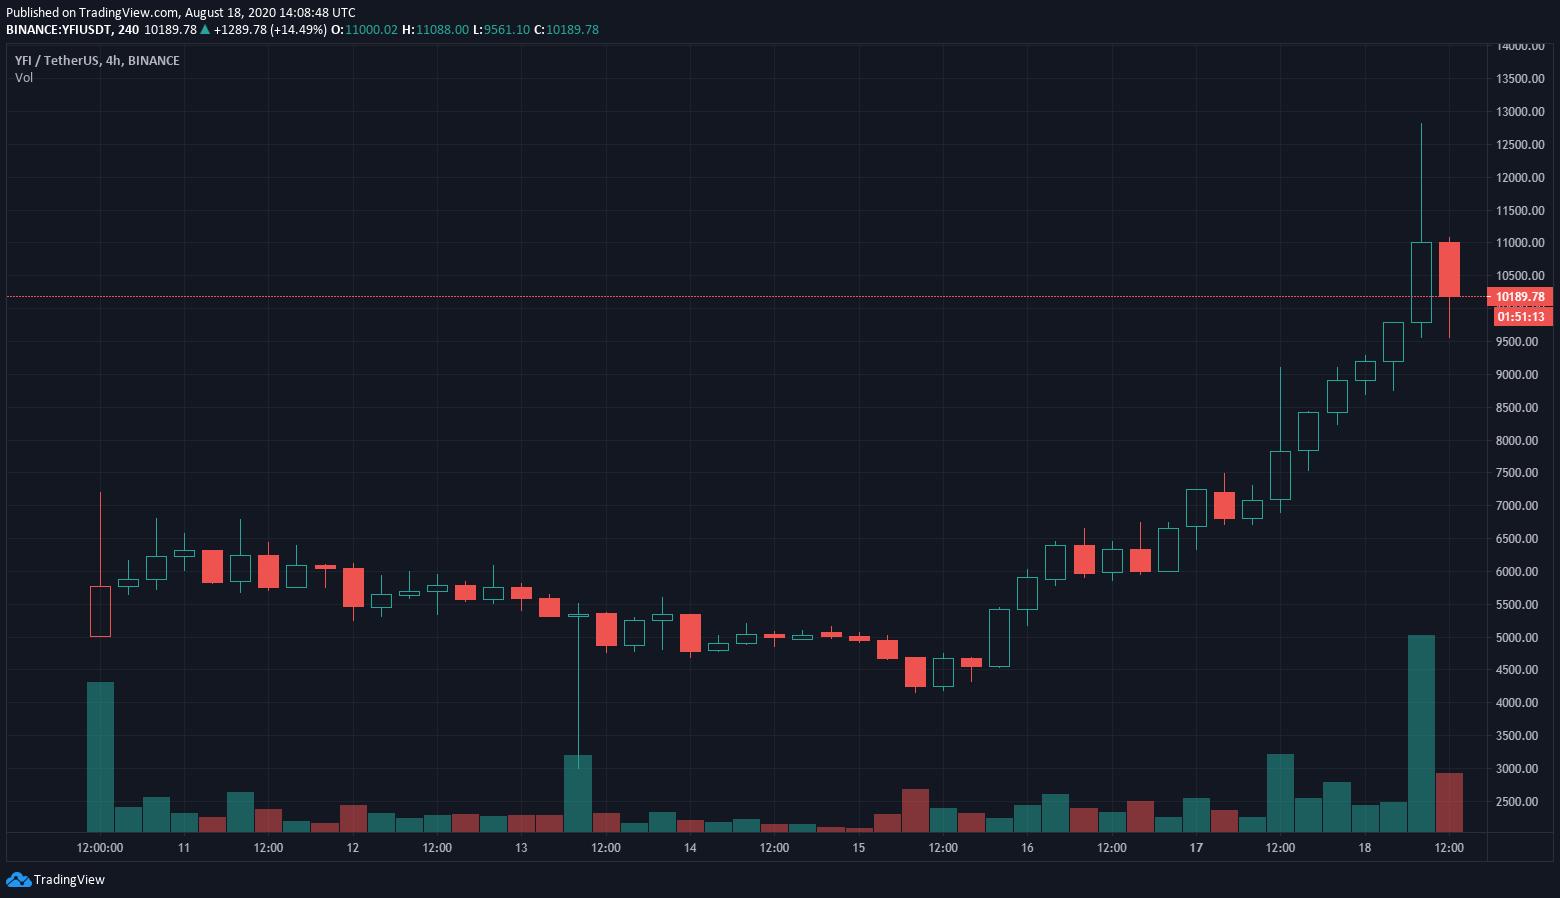 проект yearn.finance, собственный токен которого YFI во вторник, 18 августа, достиг в цене $12 821, показав 70% рост за сутки.